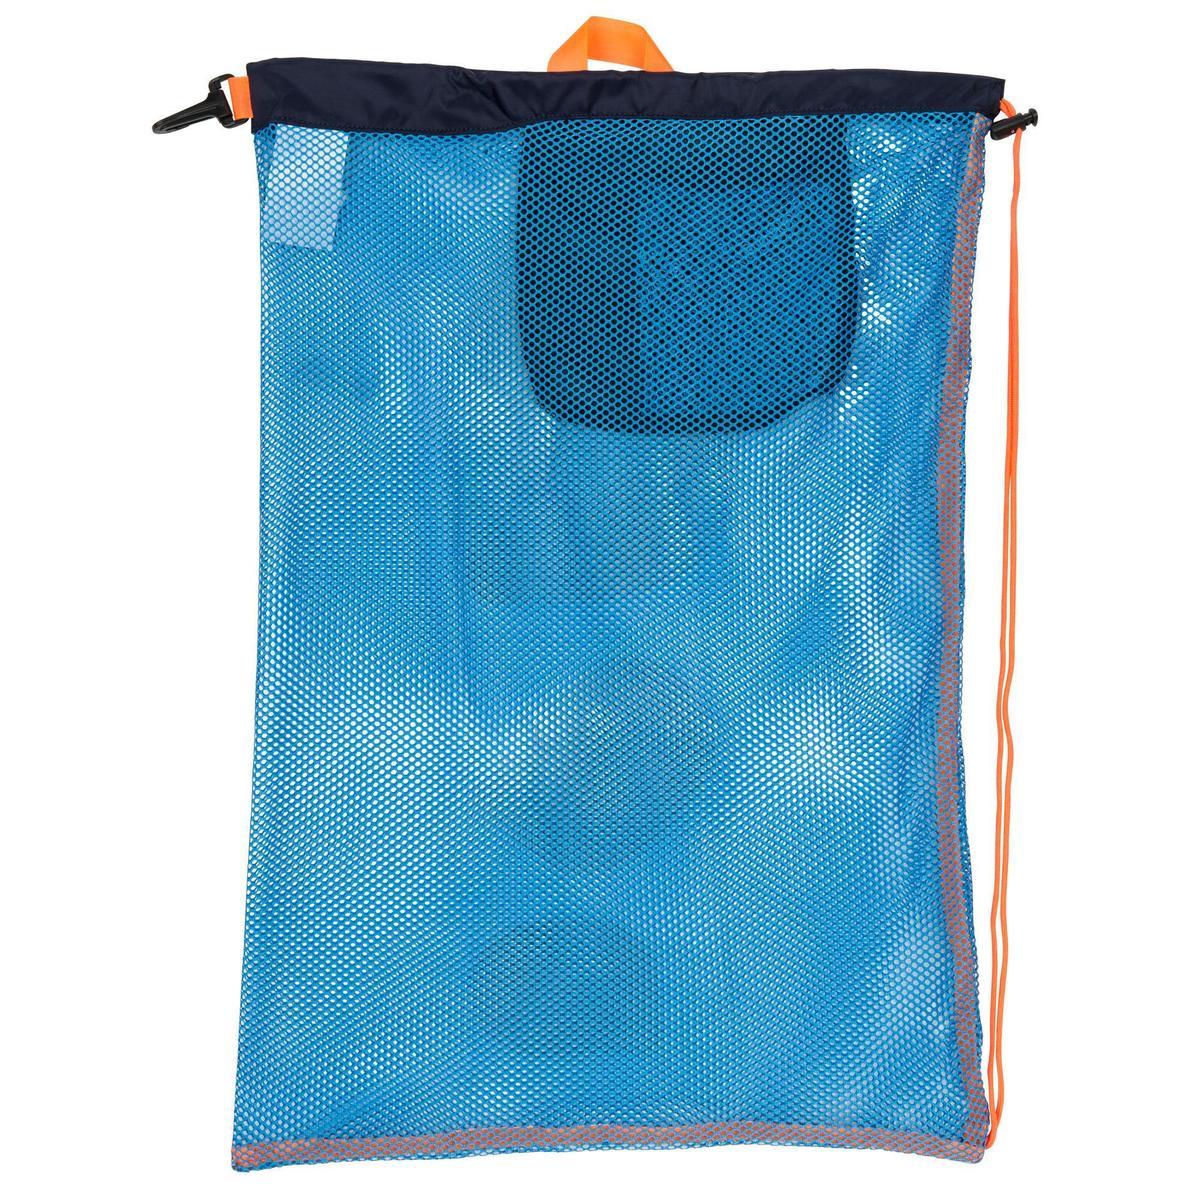 Bild 3 von Schwimmbeutel blau/orange